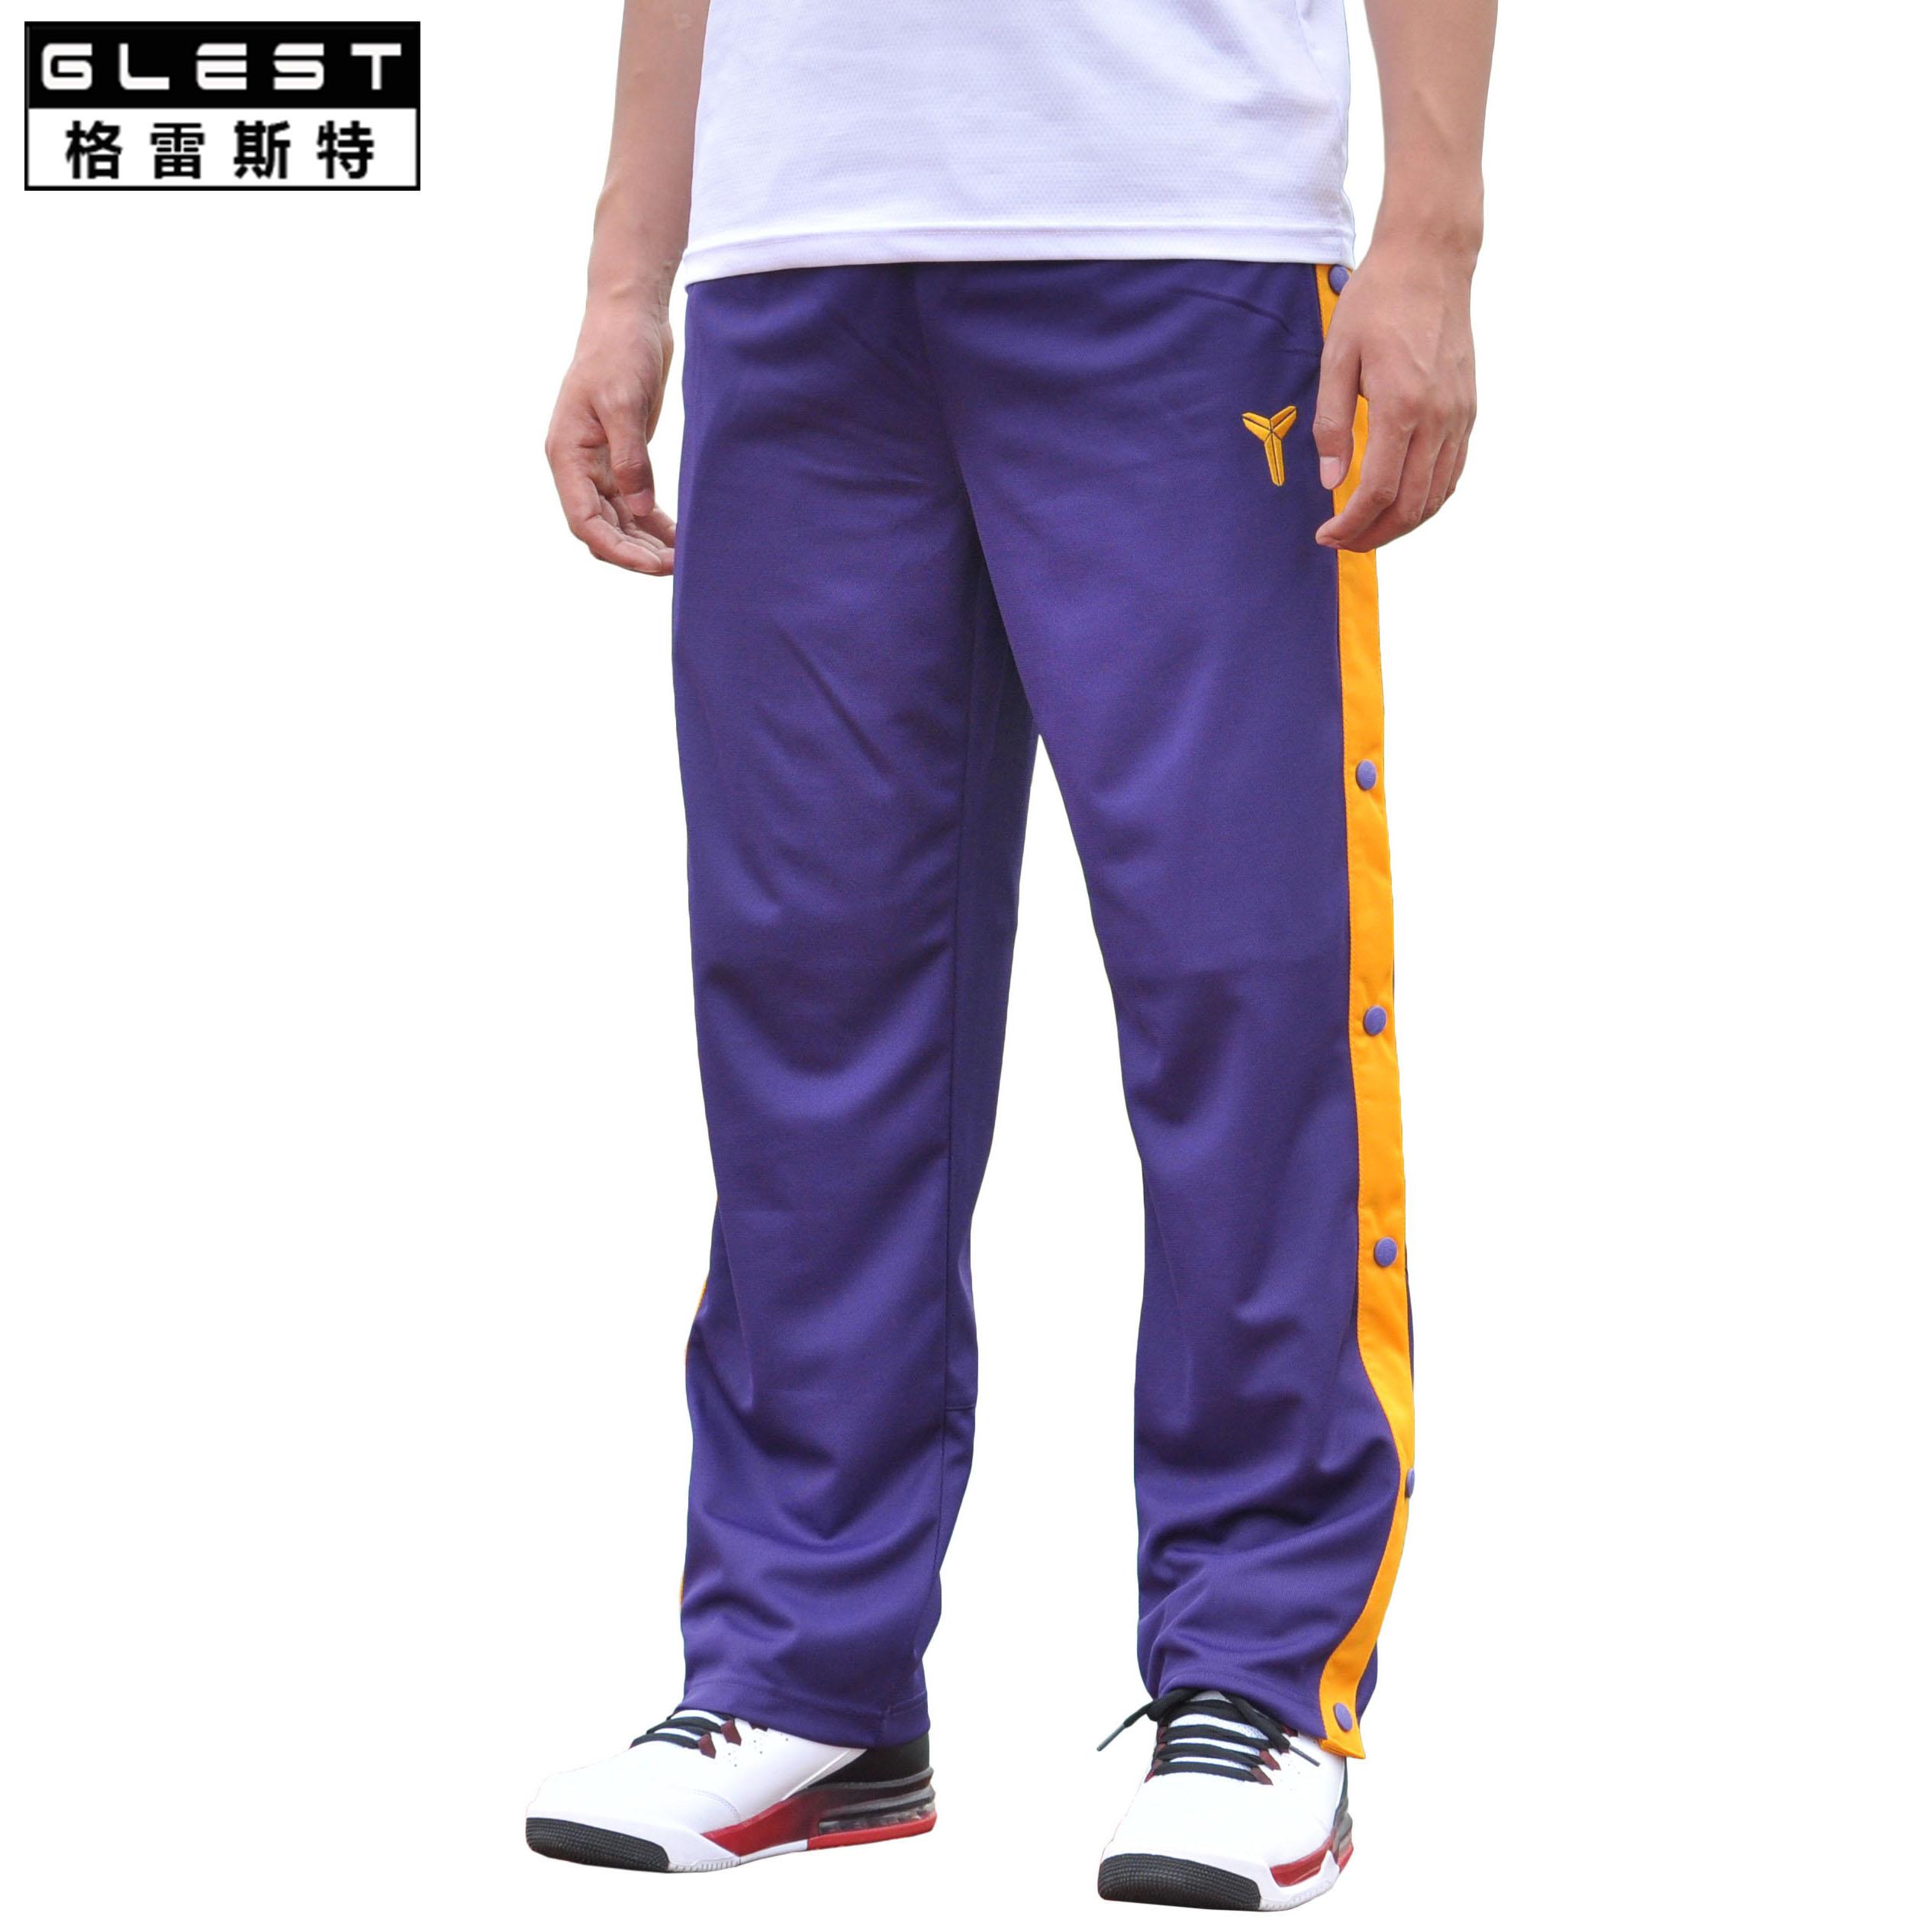 男士籃球褲運動長褲夏季薄款全開排扣褲大碼直筒褲健身寬鬆訓練褲